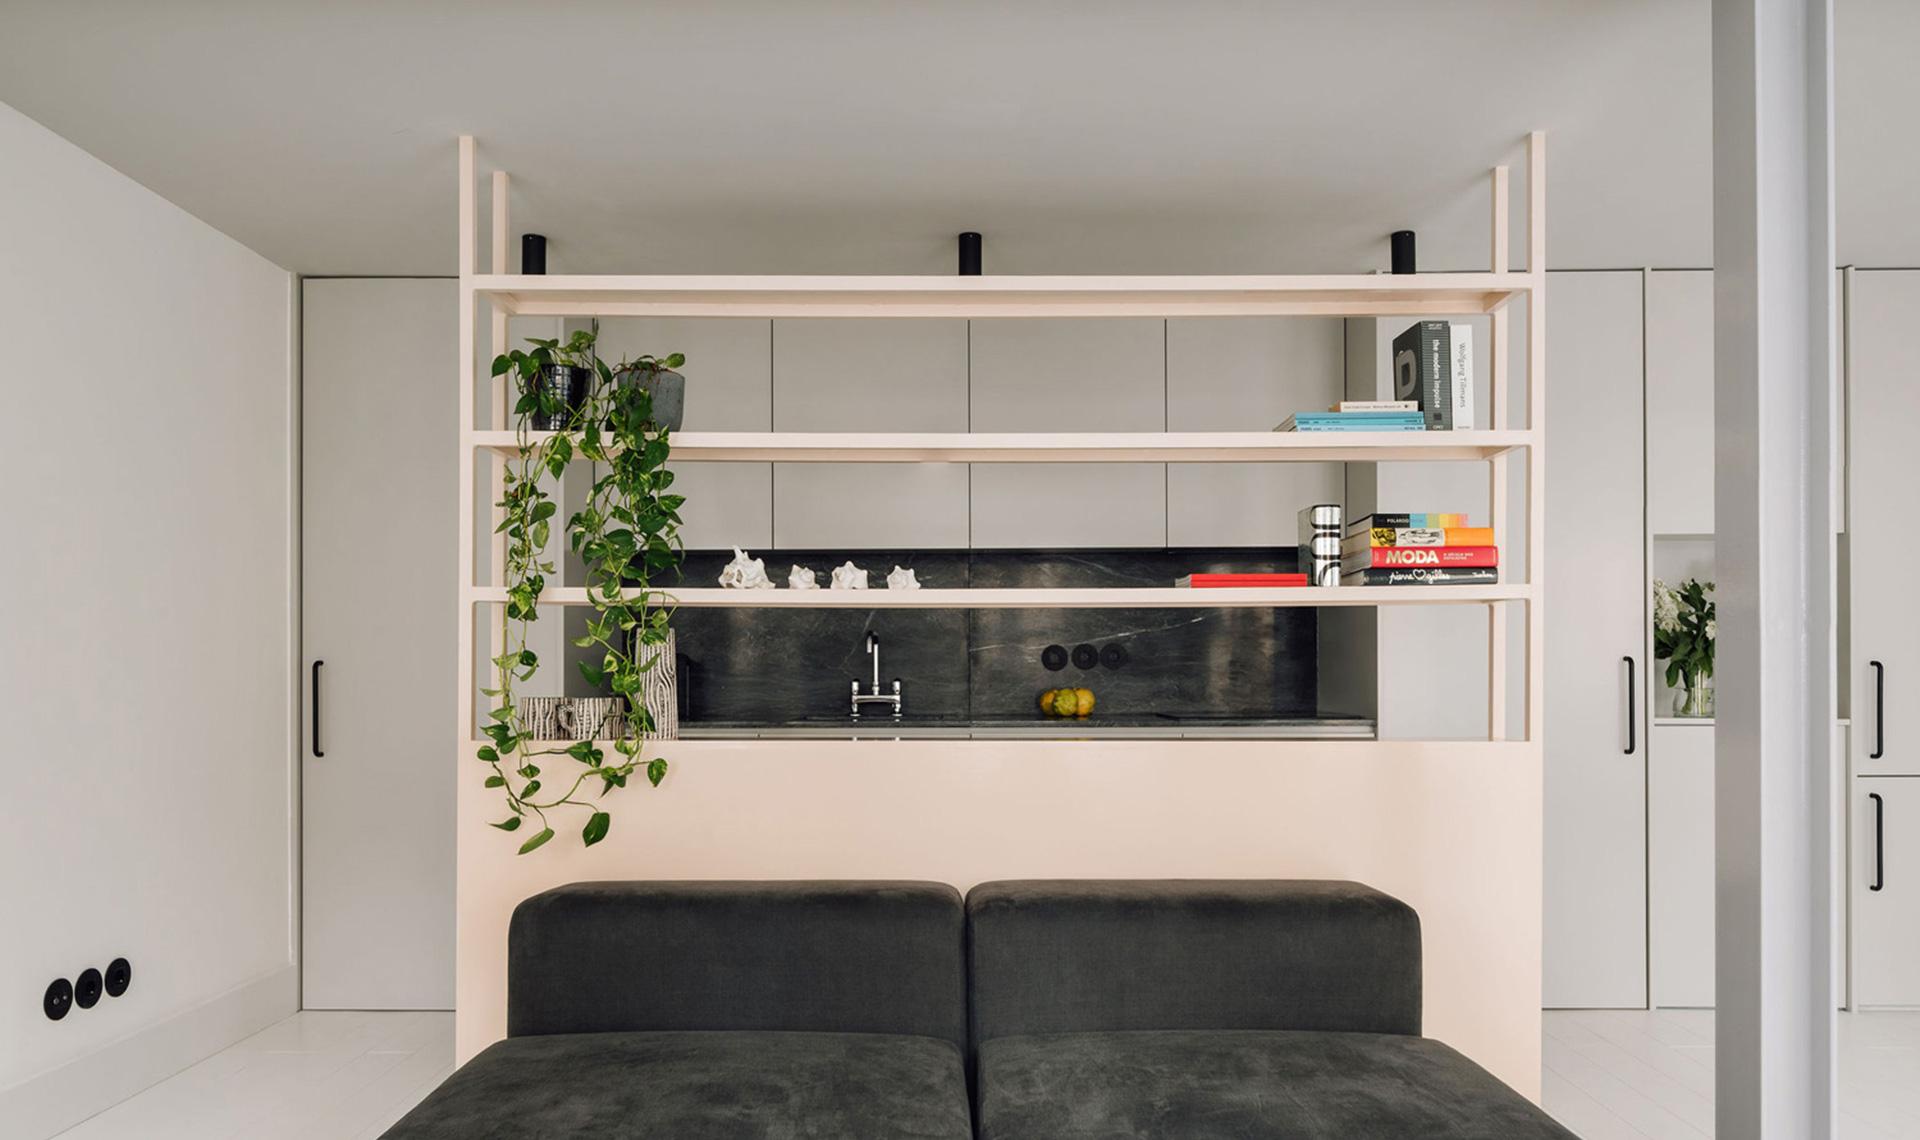 Квартира в Лиссабоне: небольшой бюджет и 60 кв. метров